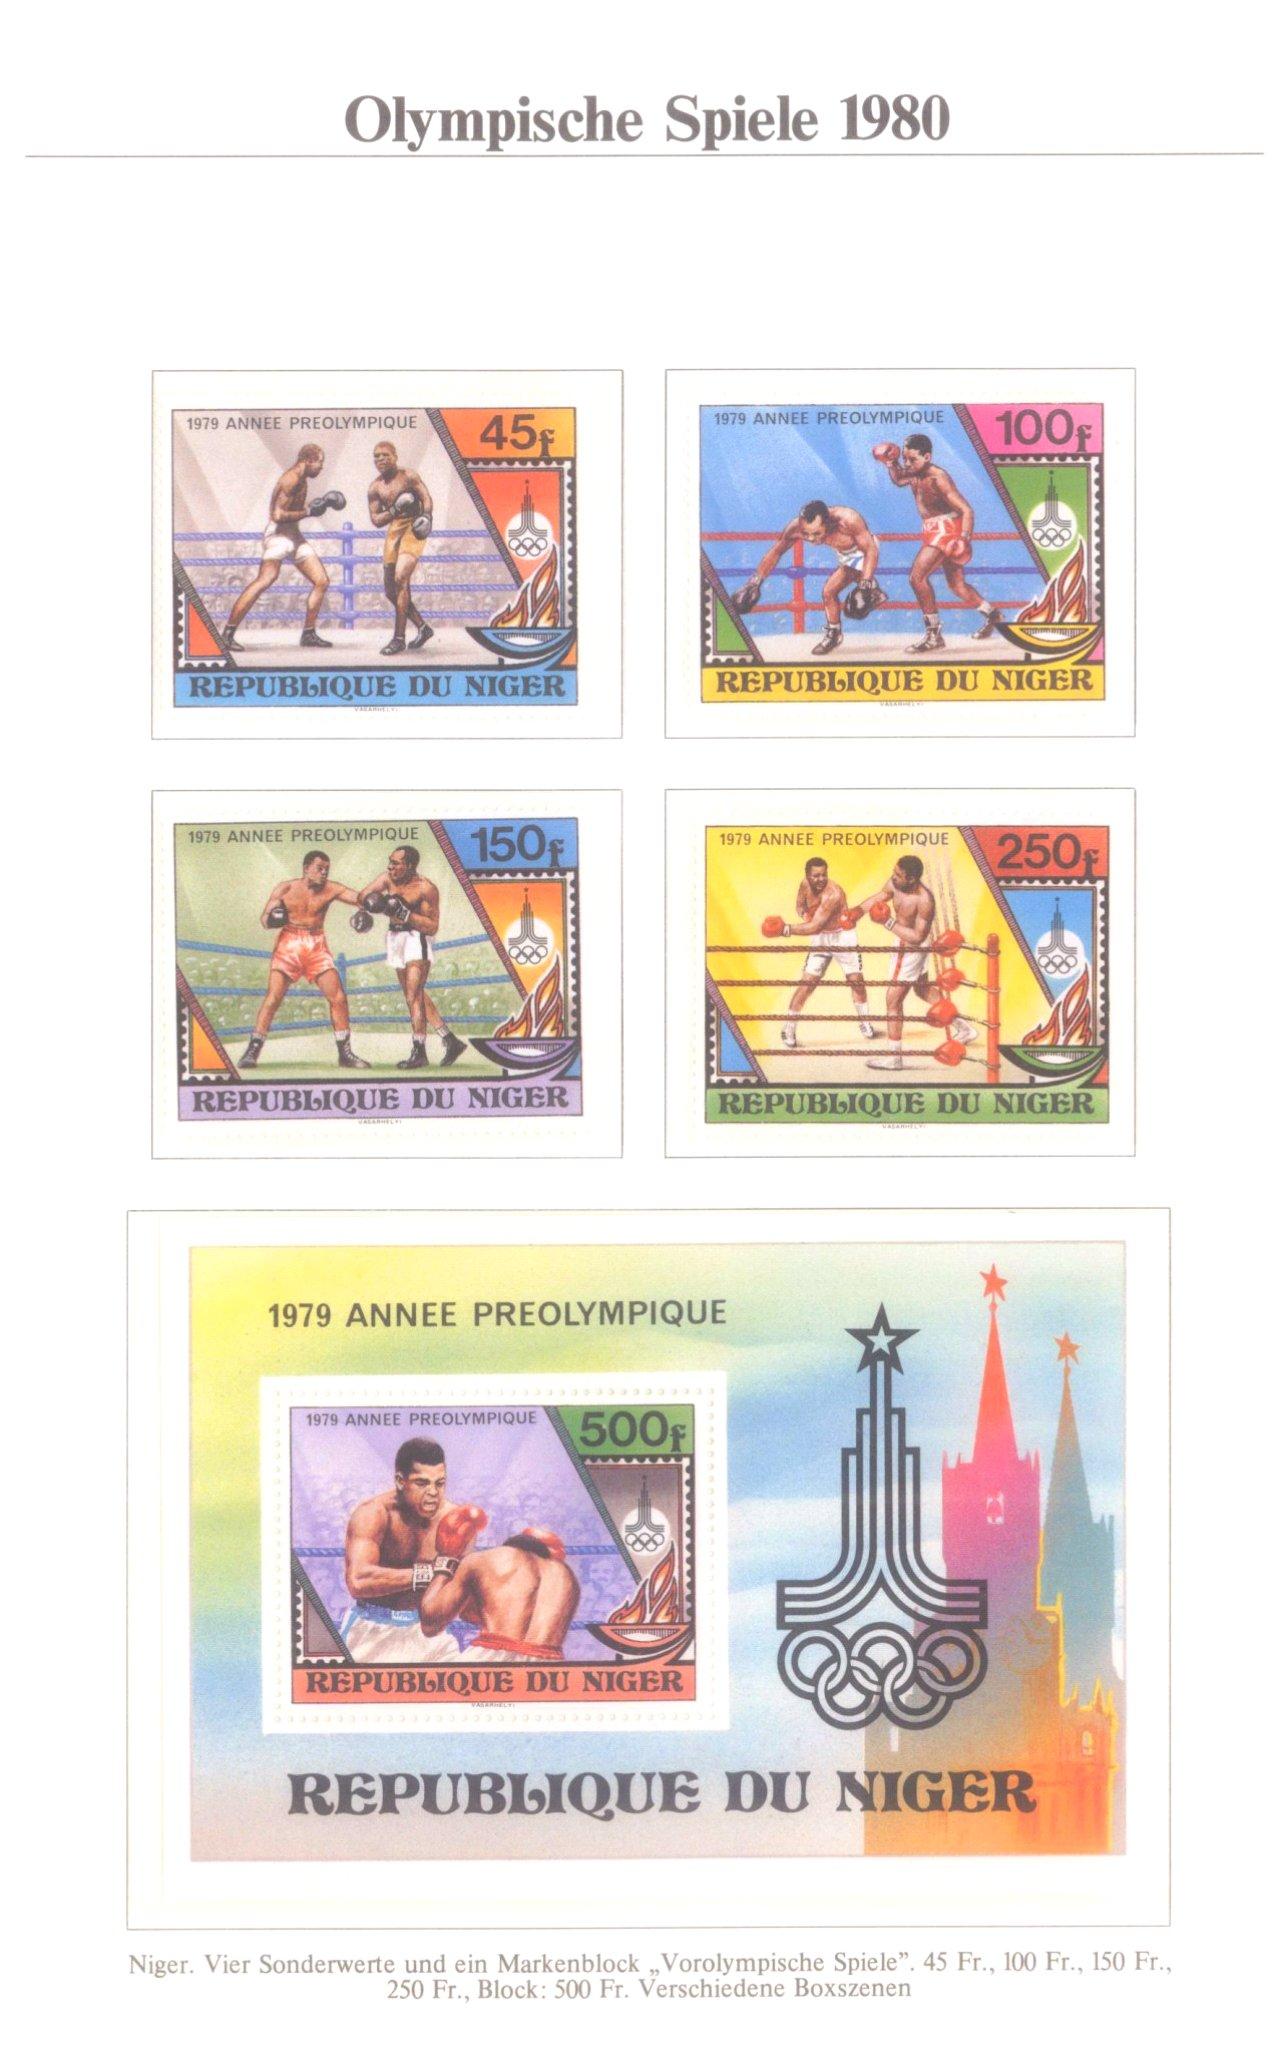 3 Alben Olympische Spiele 1980 in Moskau / Lake Placid-6